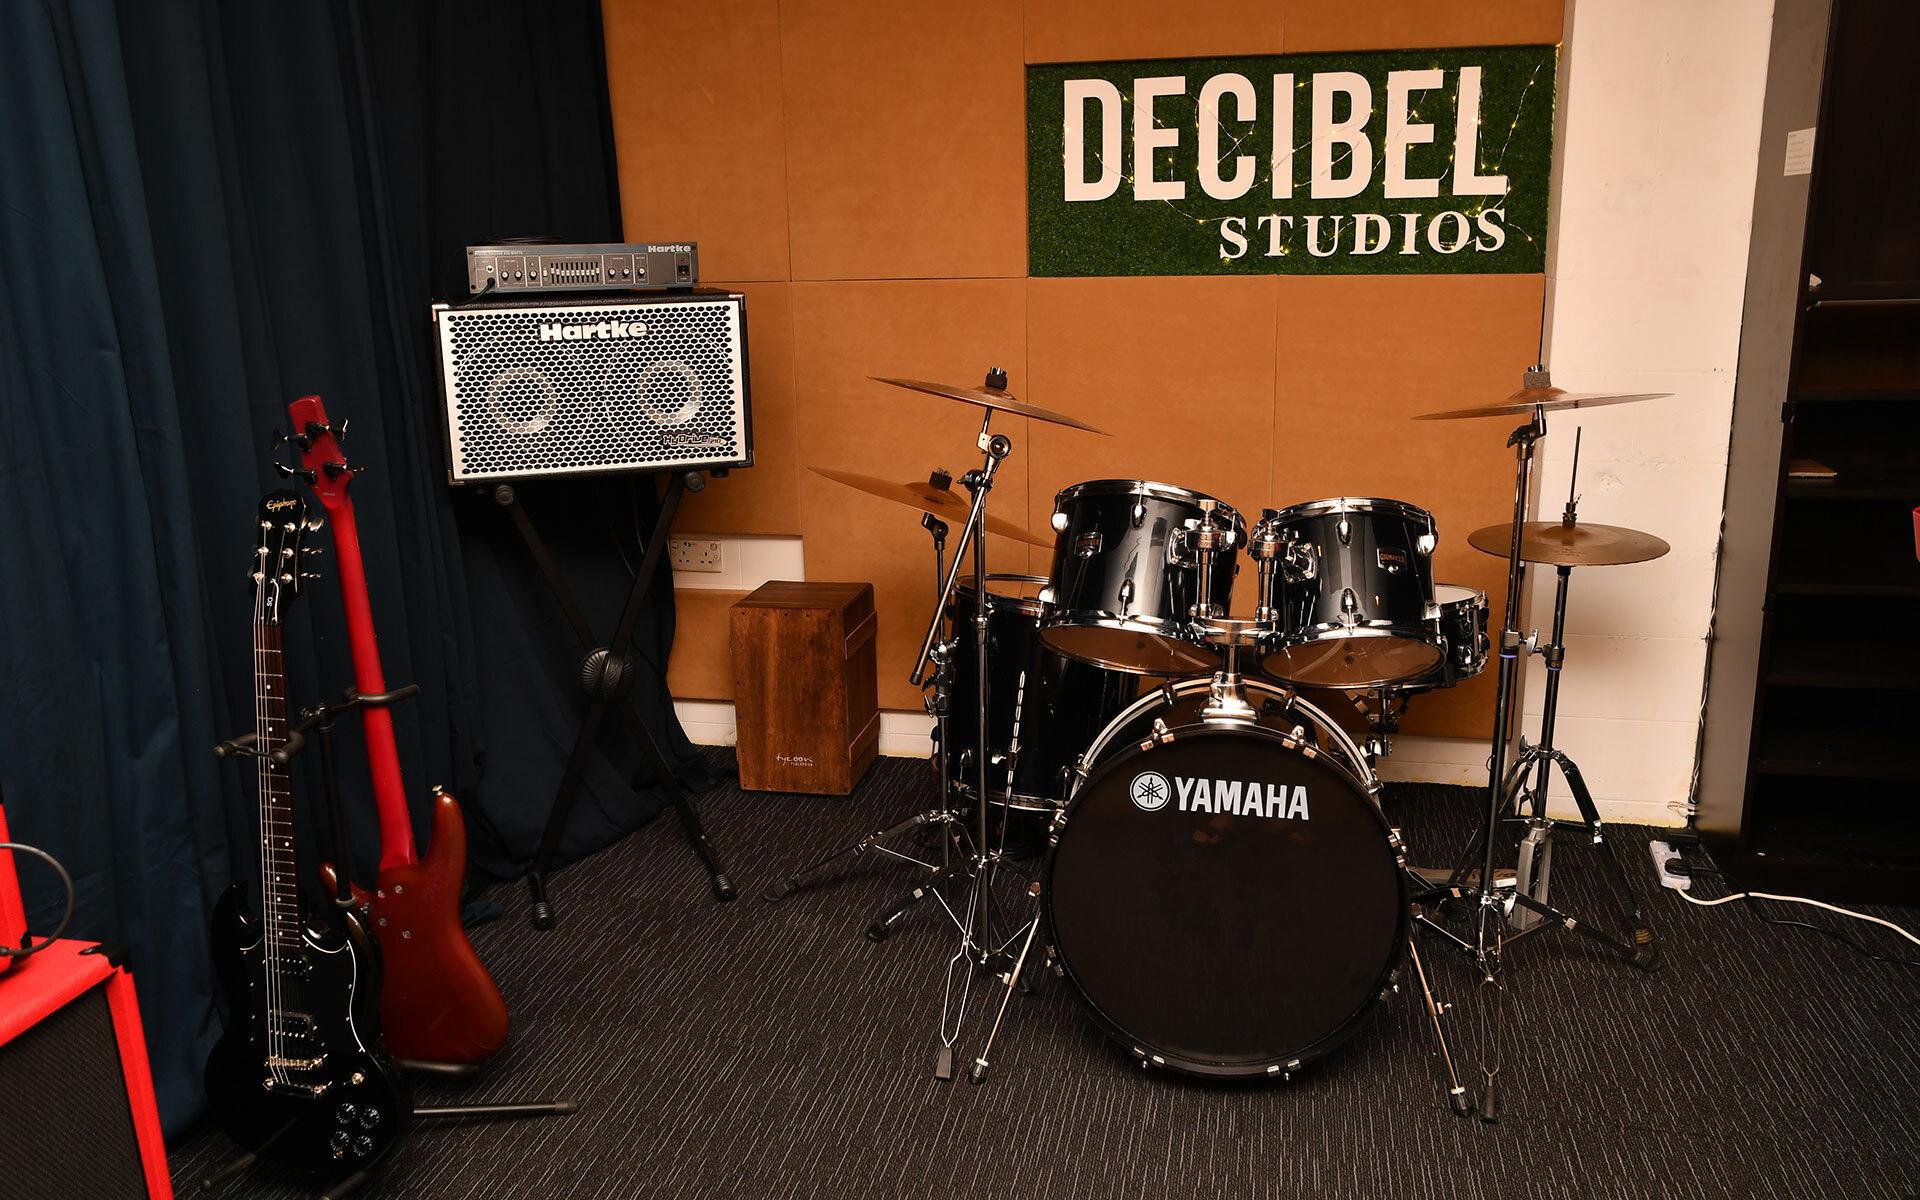 Decibel Studios